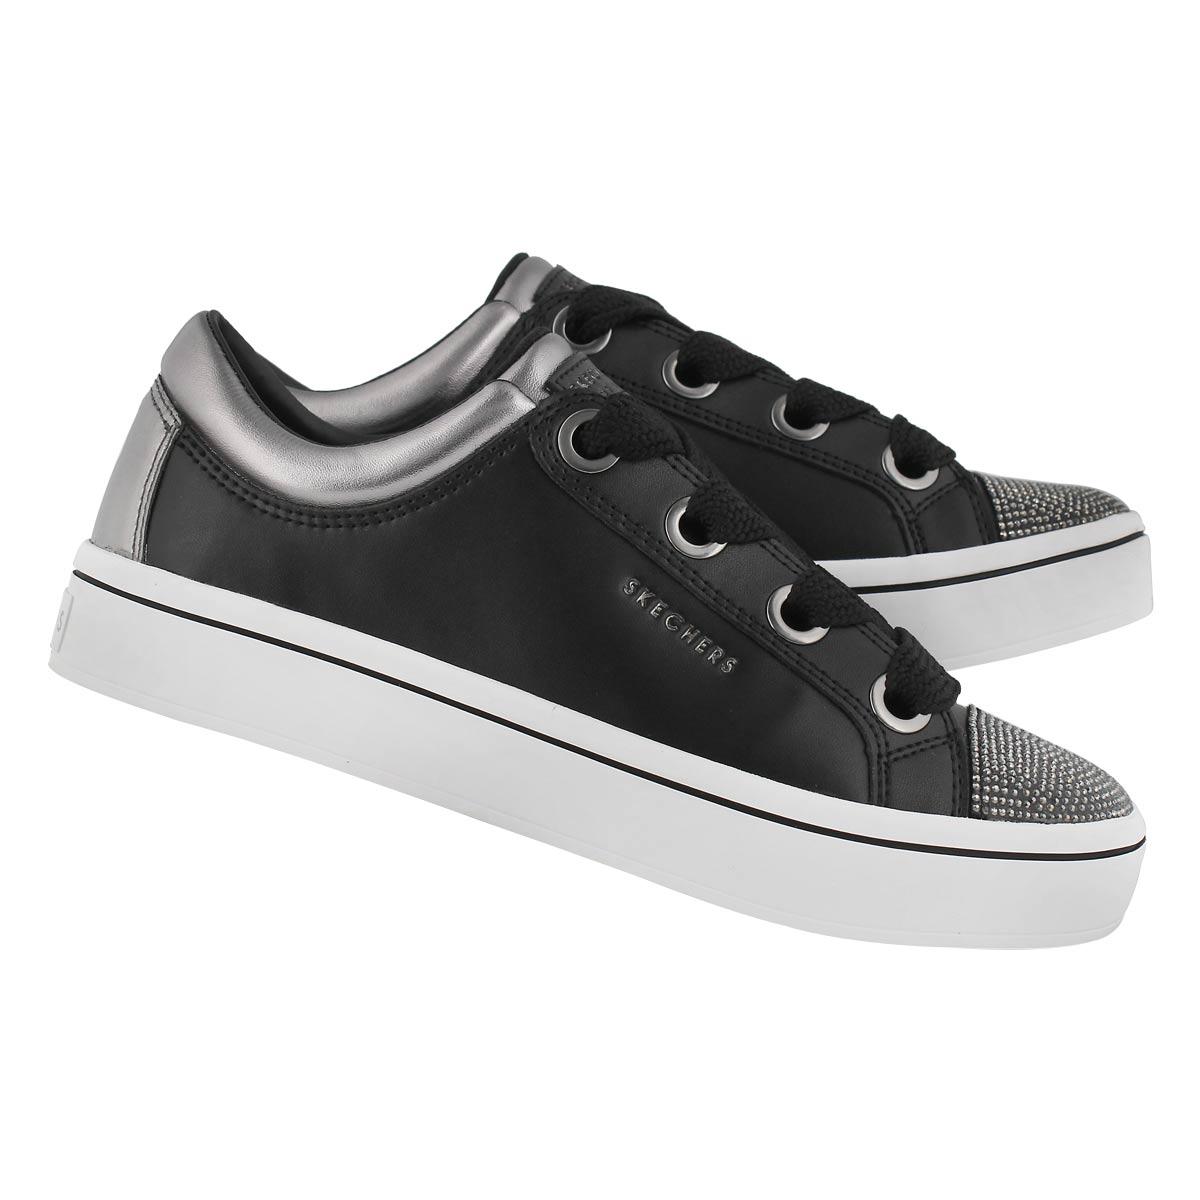 Lds Hi-Lites blk/pew lace up sneaker